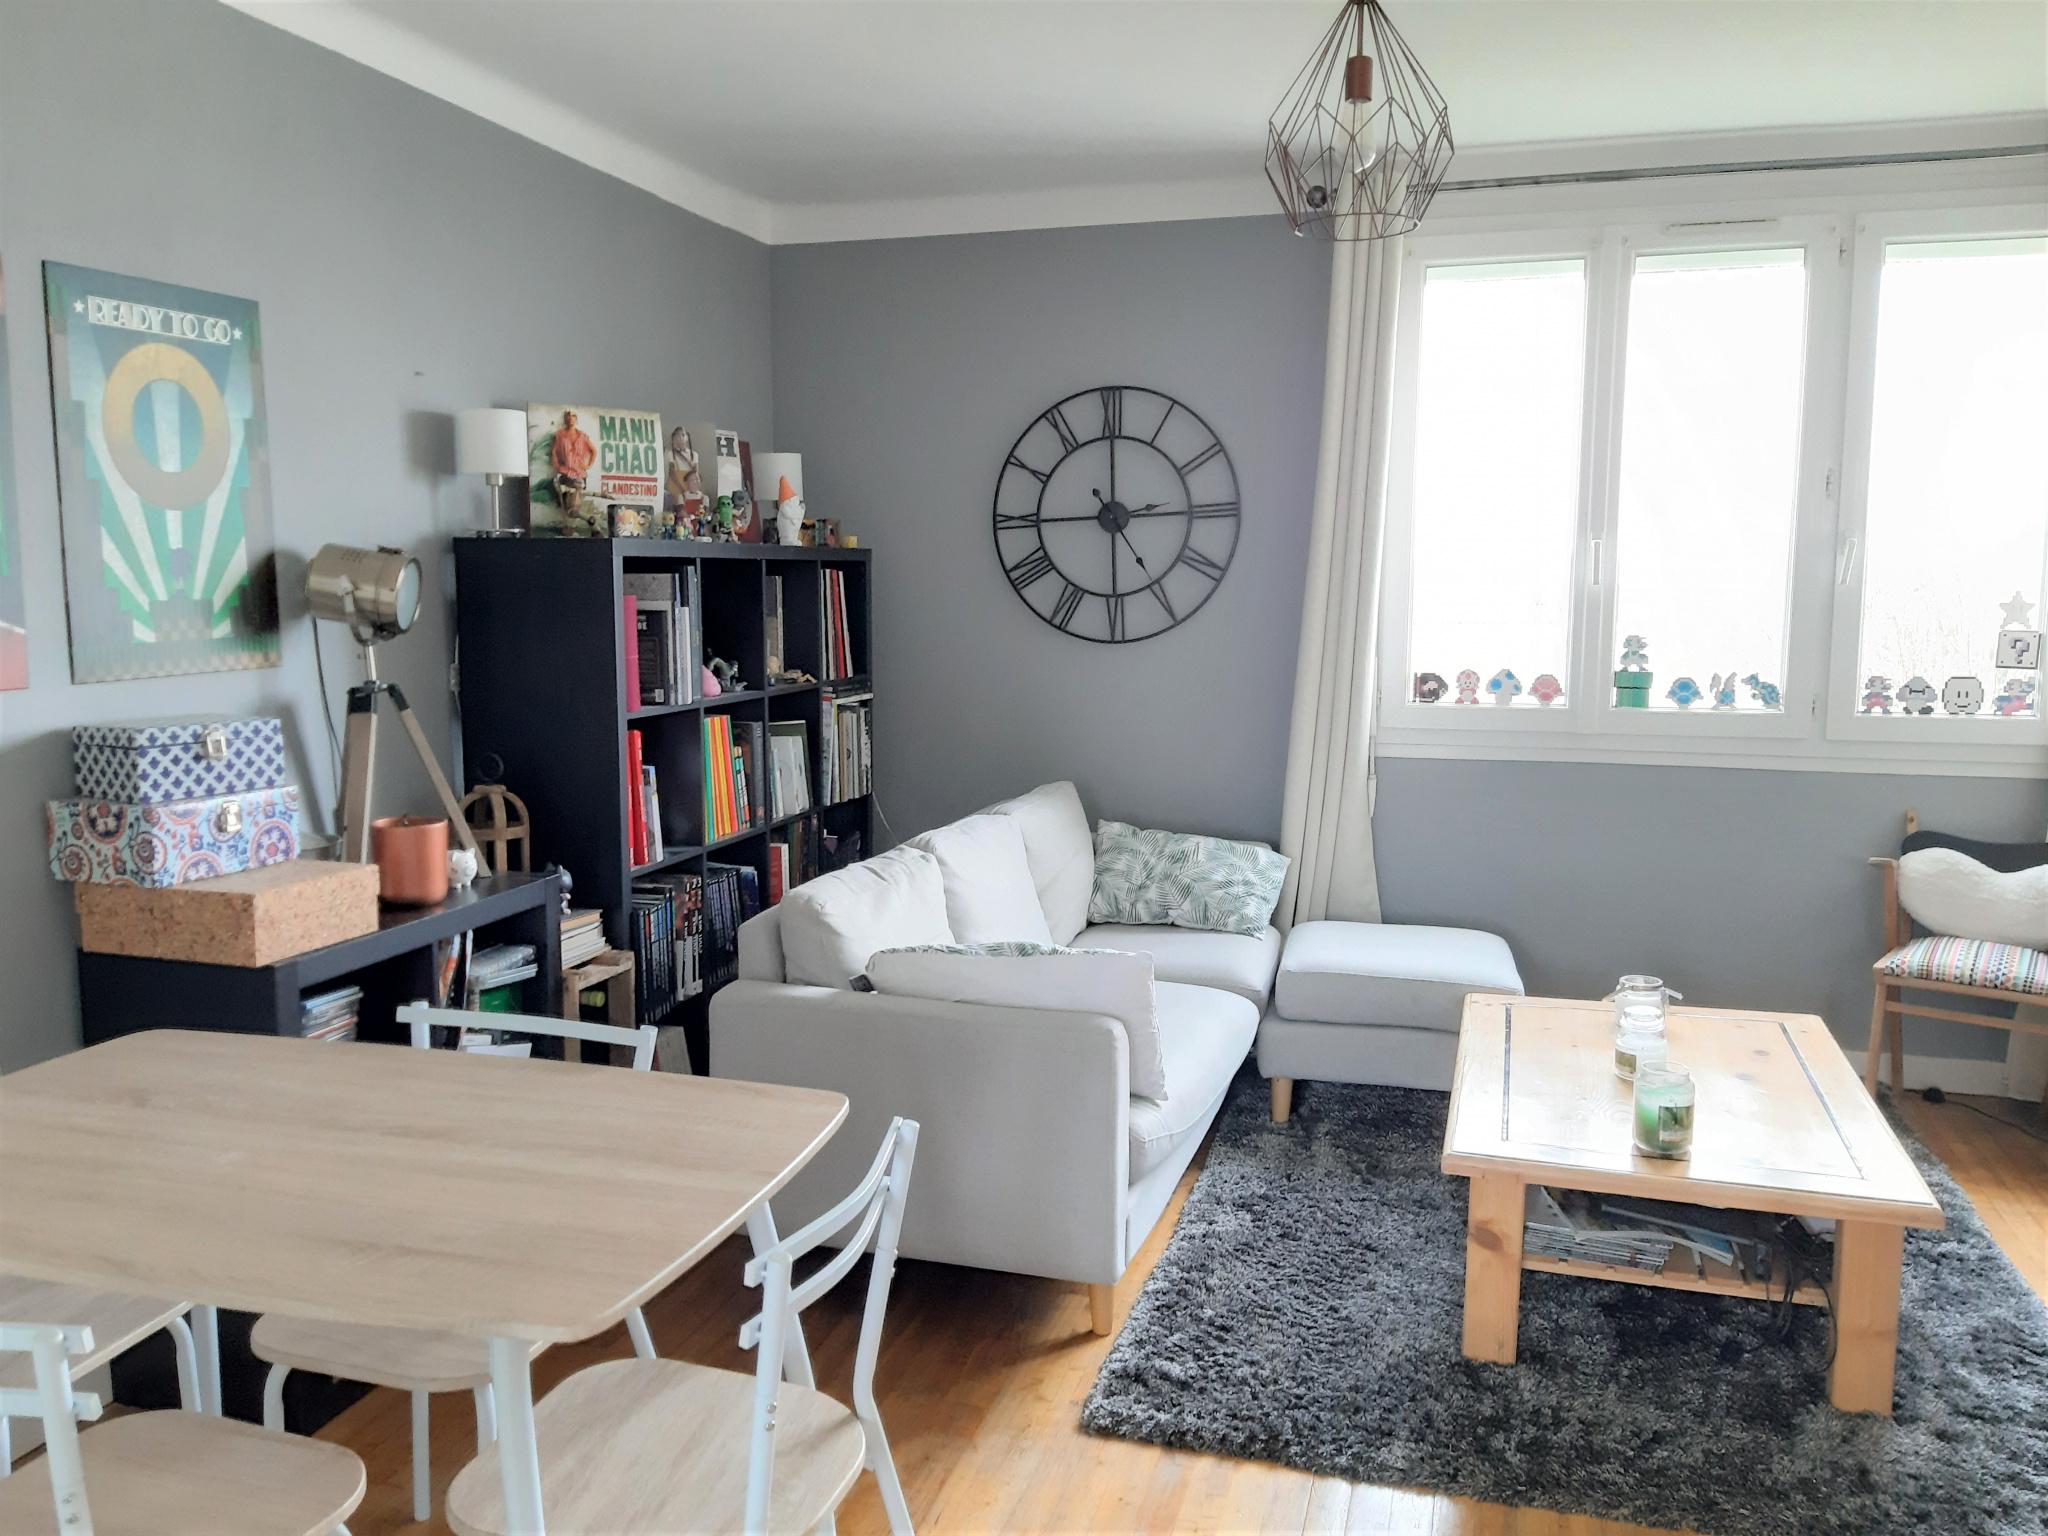 Appartement Avec Jardin Nantes l'immobilier à nantes et environs - twitim immobilier, vente